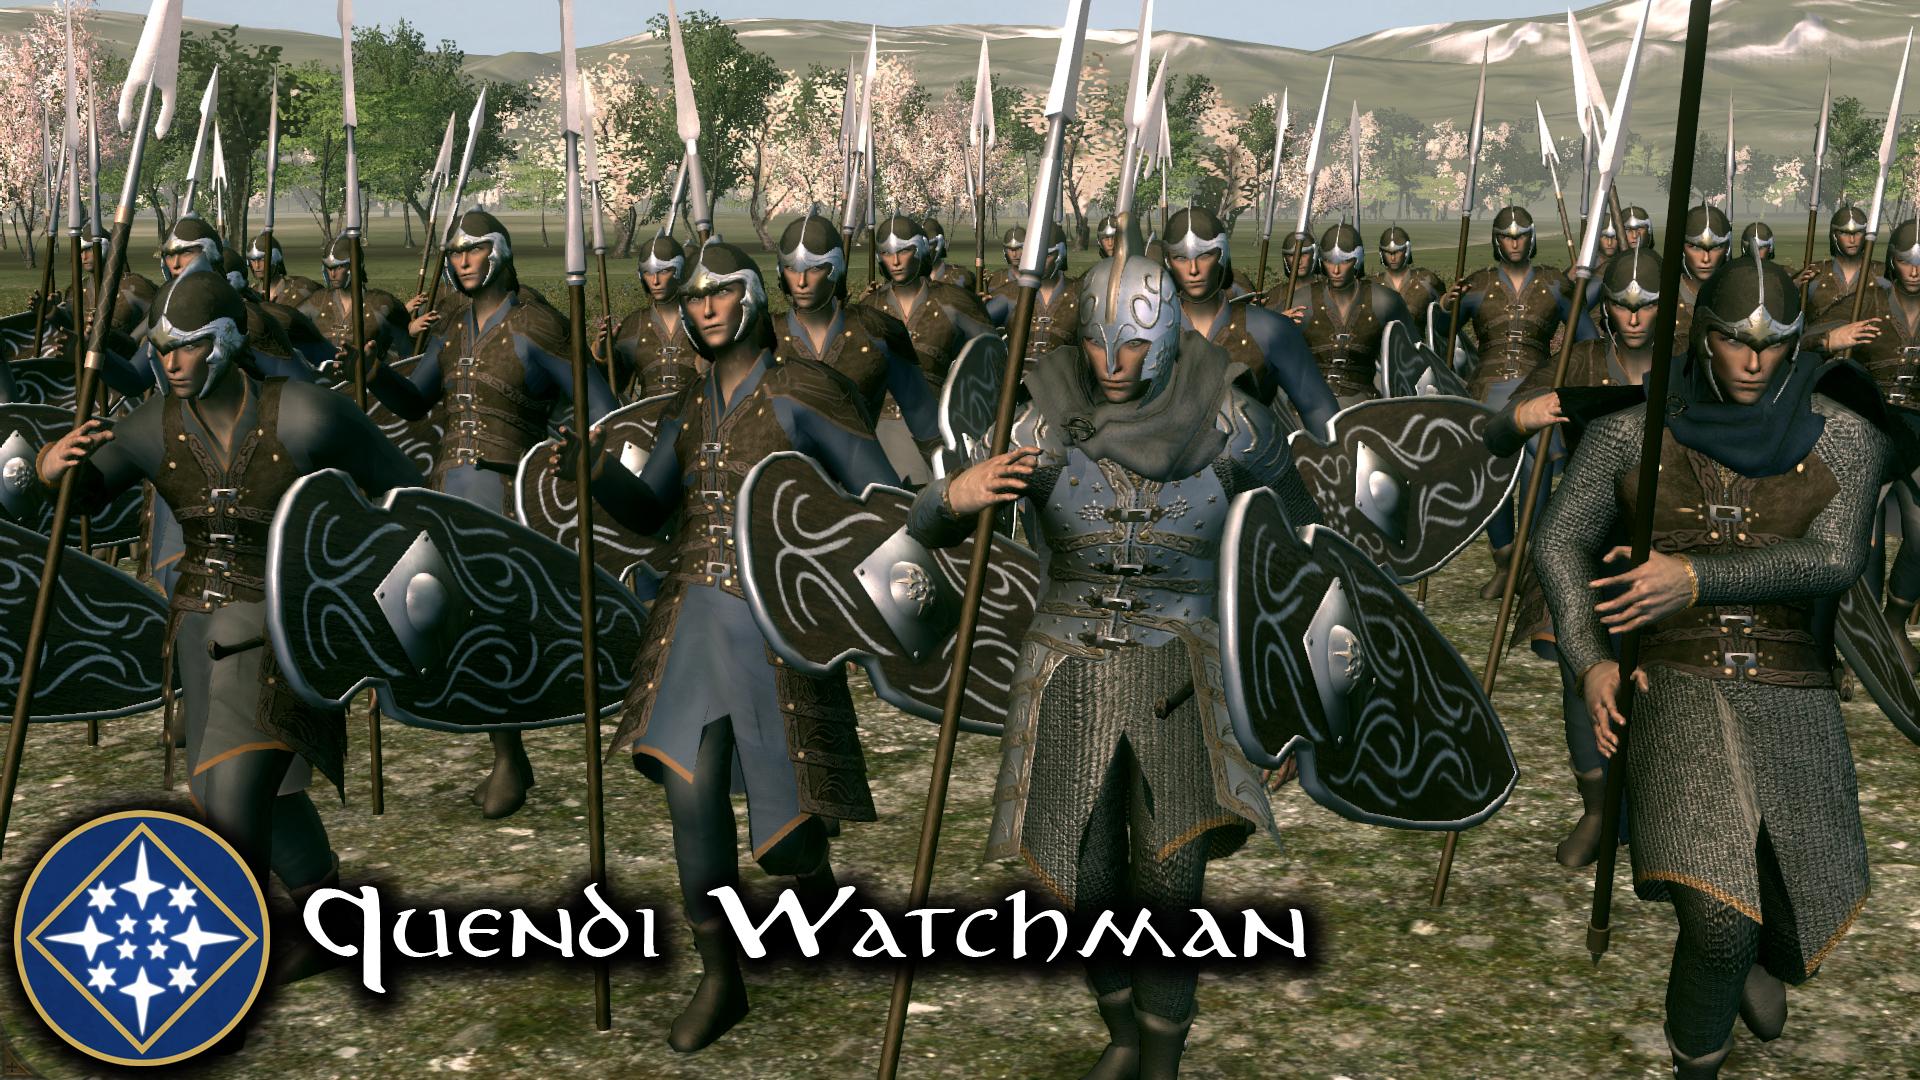 Quendi Watchman